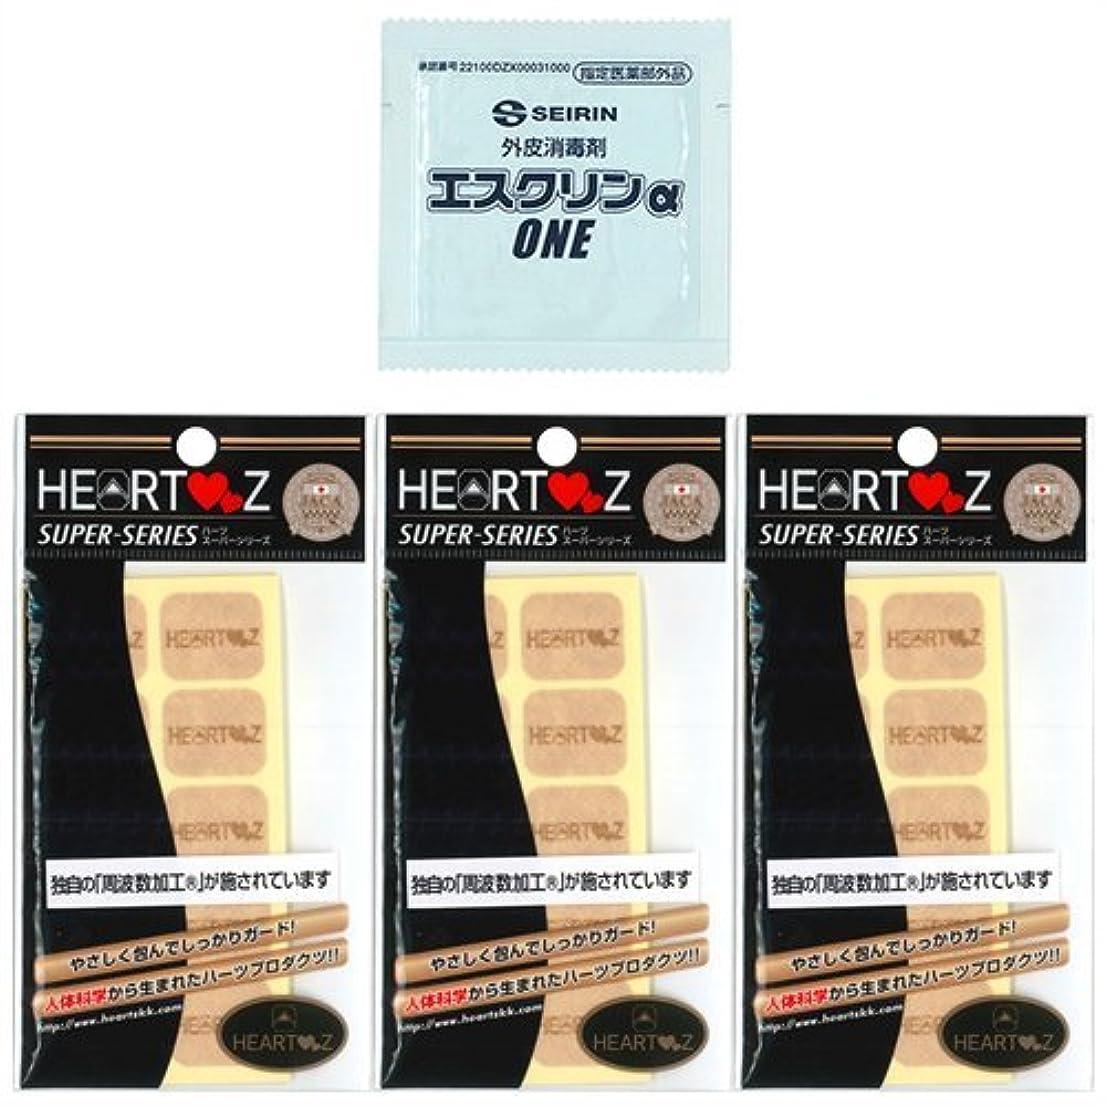 鋭く塗抹一口【HEARTZ(ハーツ)】ハーツスーパーシール レギュラータイプ 80枚入×3個セット (計240枚) + エスクリンαONEx1個 セット